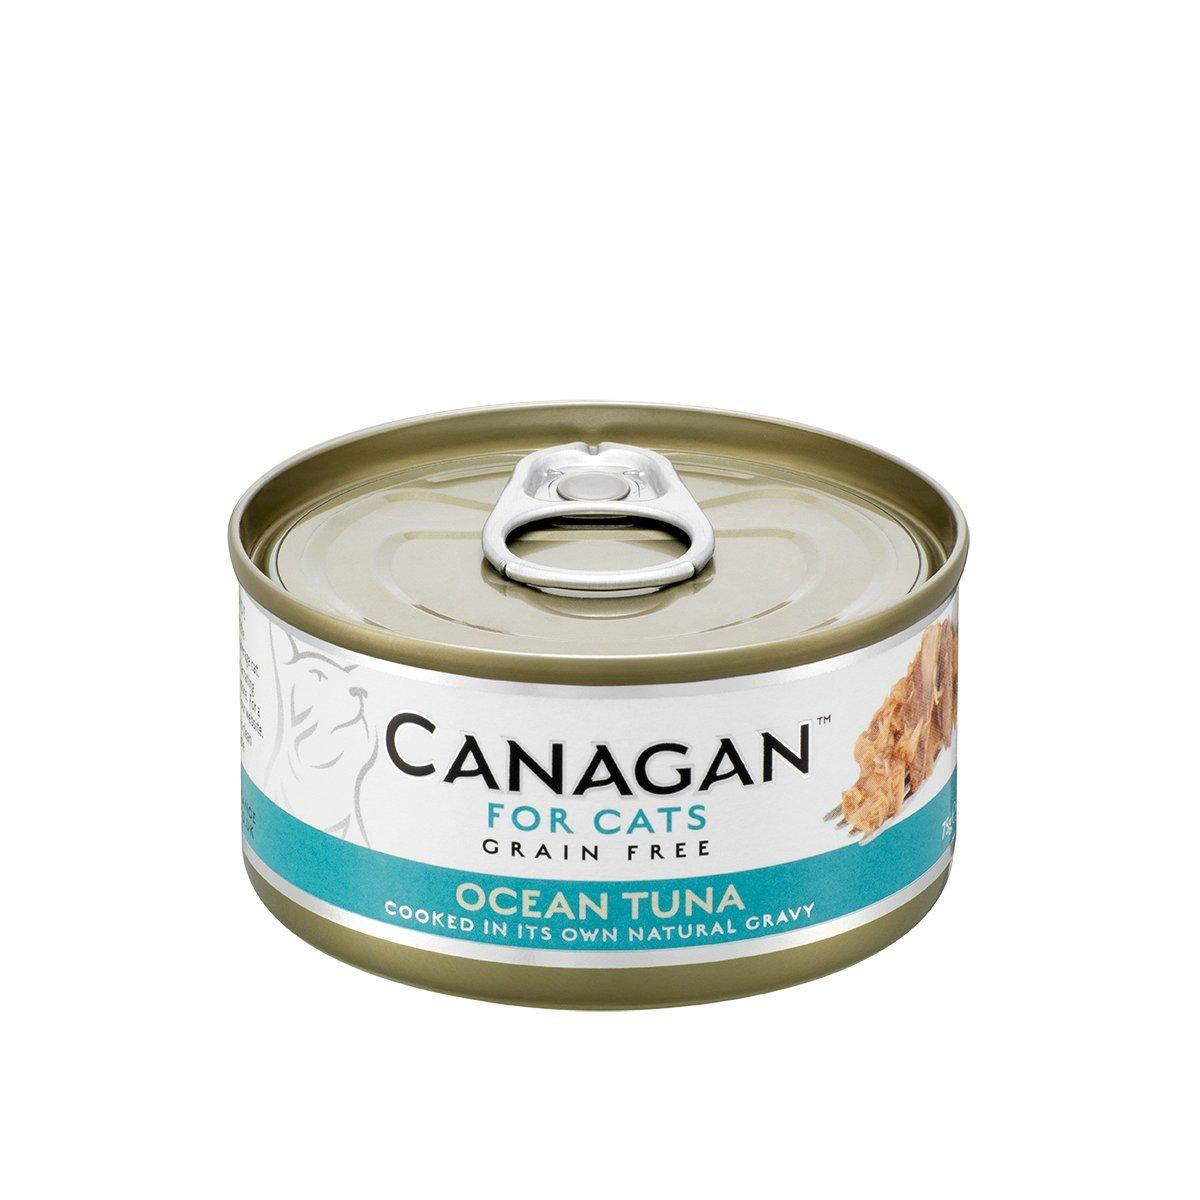 吞拿魚貓罐頭 (75g) #WT75